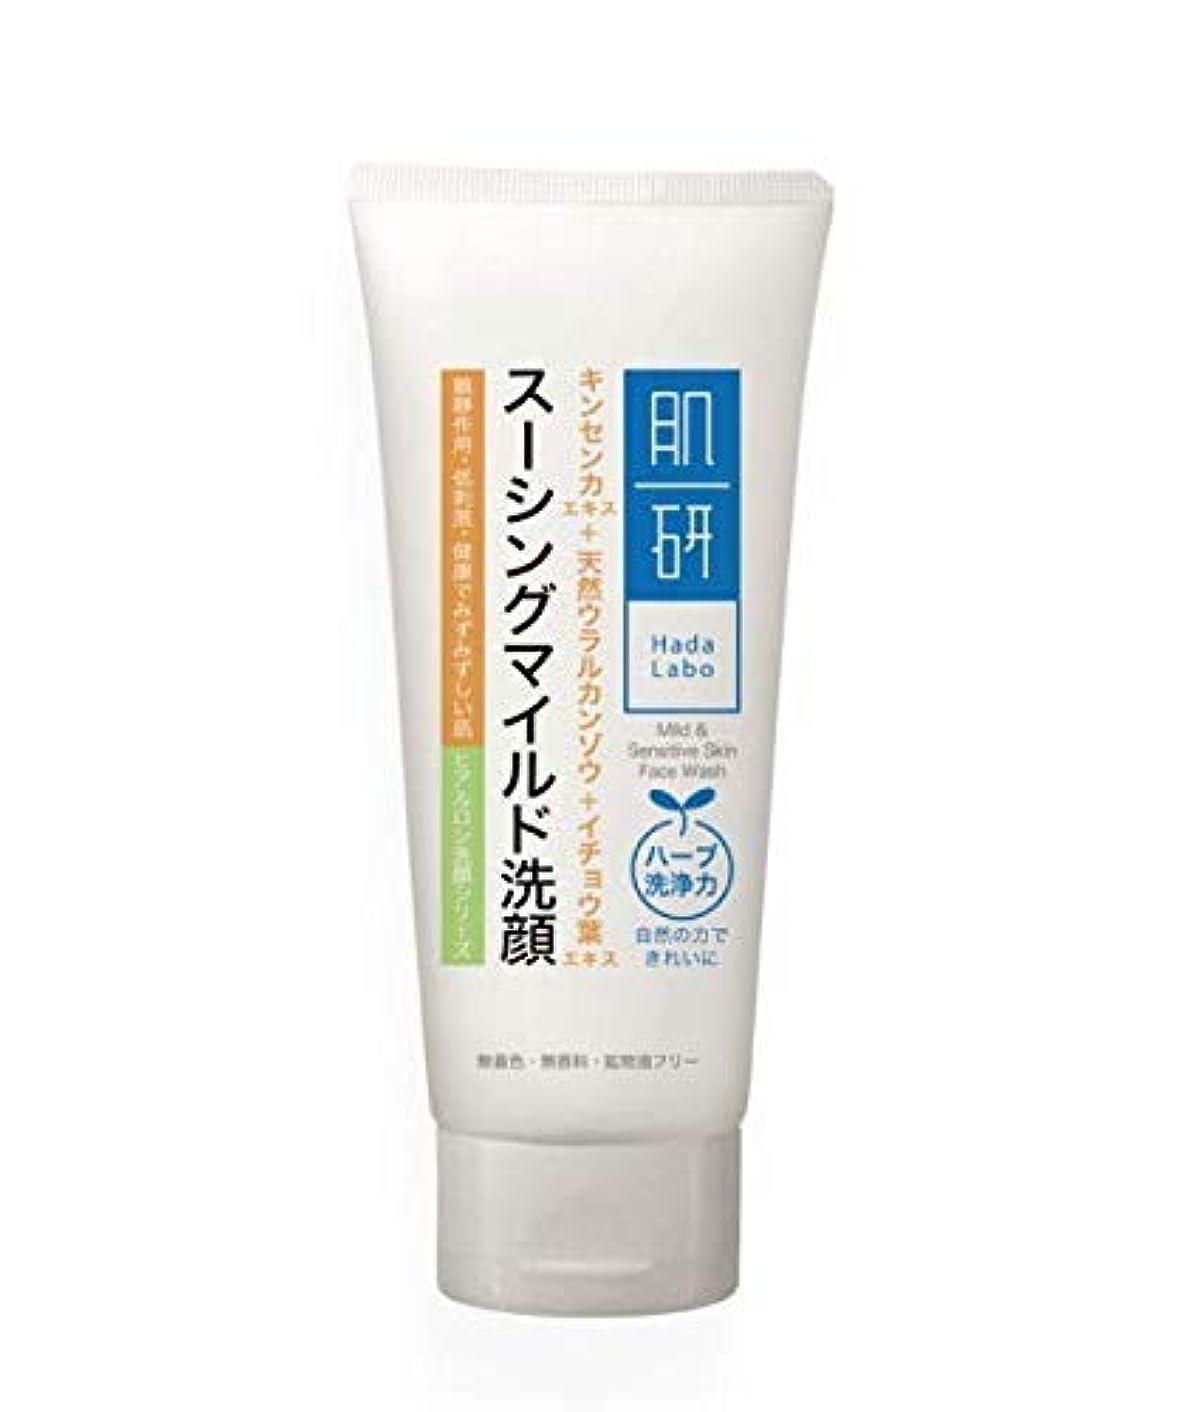 拮抗する義務しっかりHADA LABO 100グラムマイルド洗顔&敏感